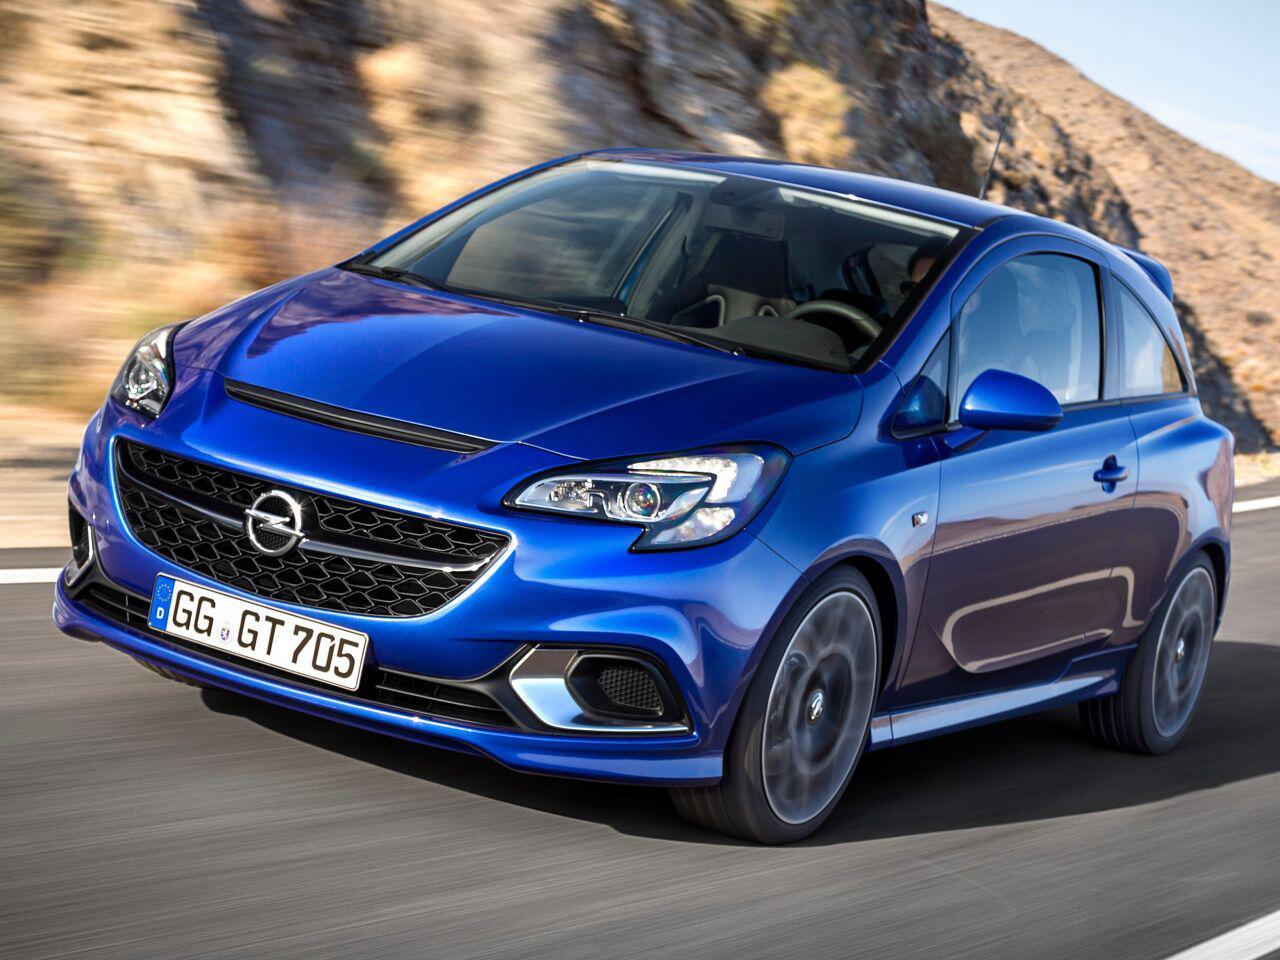 Bild zu Platz 5: Opel Corsa OPC